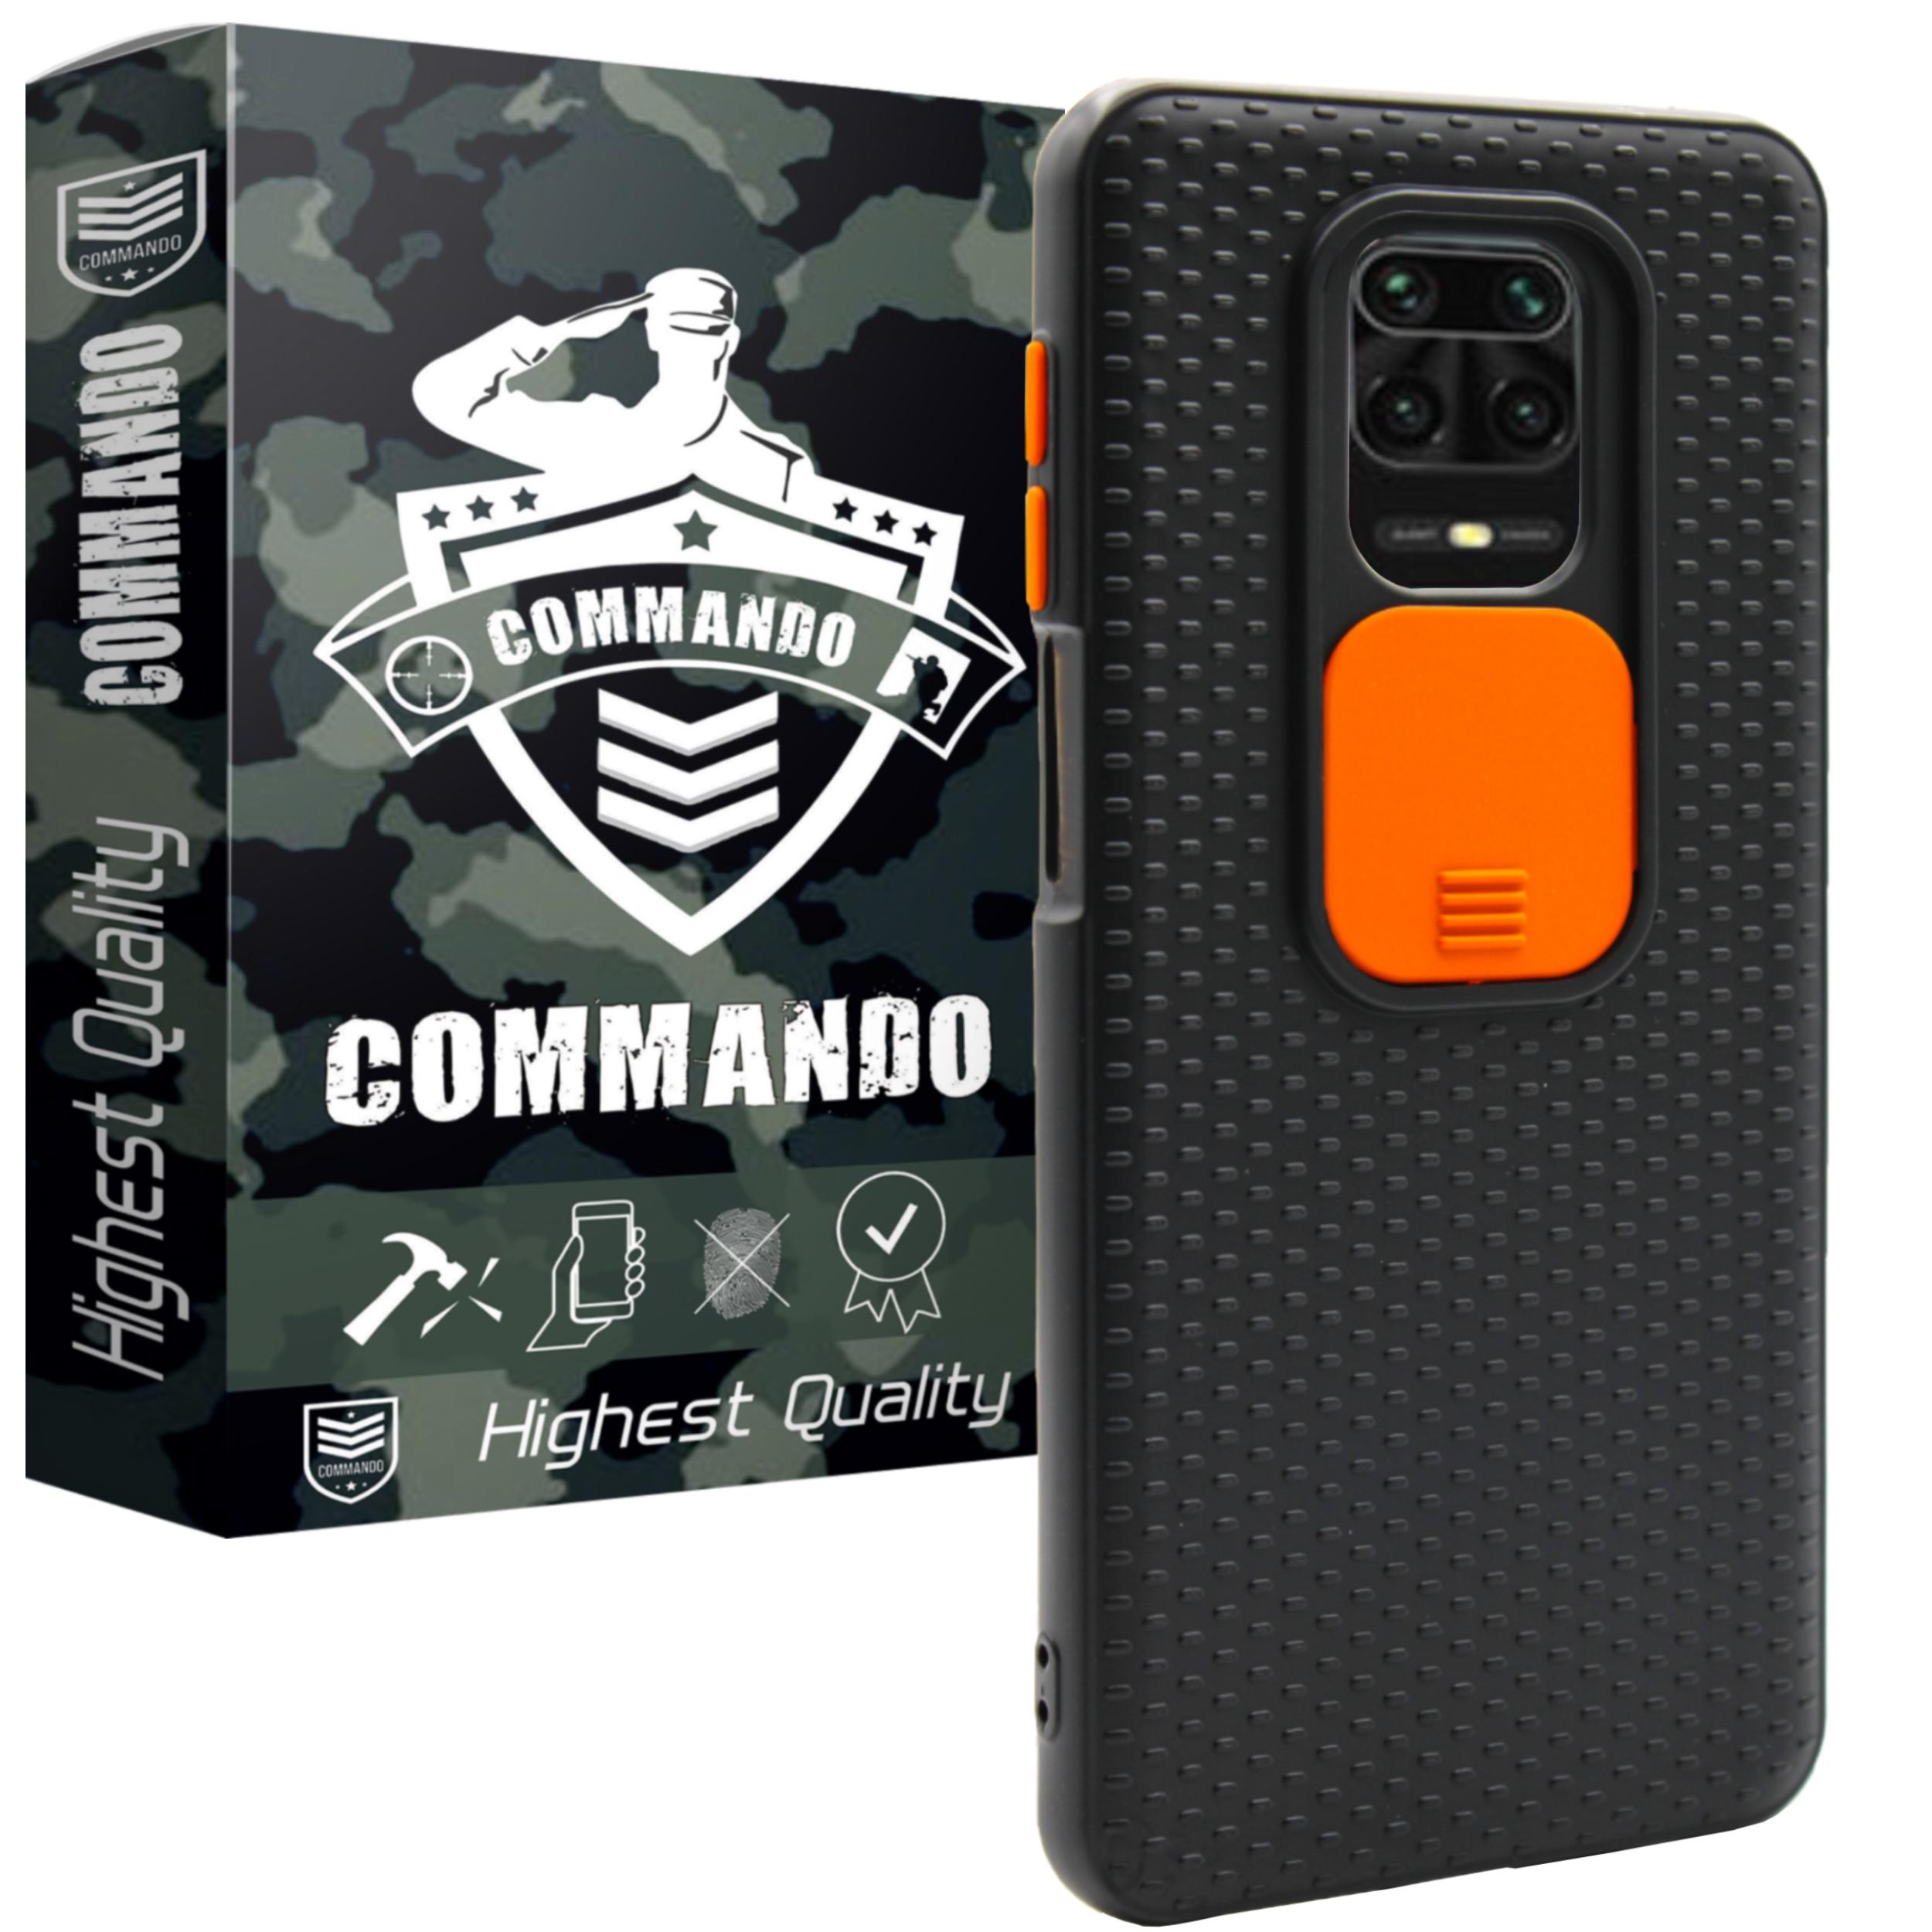 کاور کماندو مدل X21 مناسب برای گوشی موبایل شیائومی Redmi Note 9S / Note 9 Pro / Note 9 Pro Max              ( قیمت و خرید)